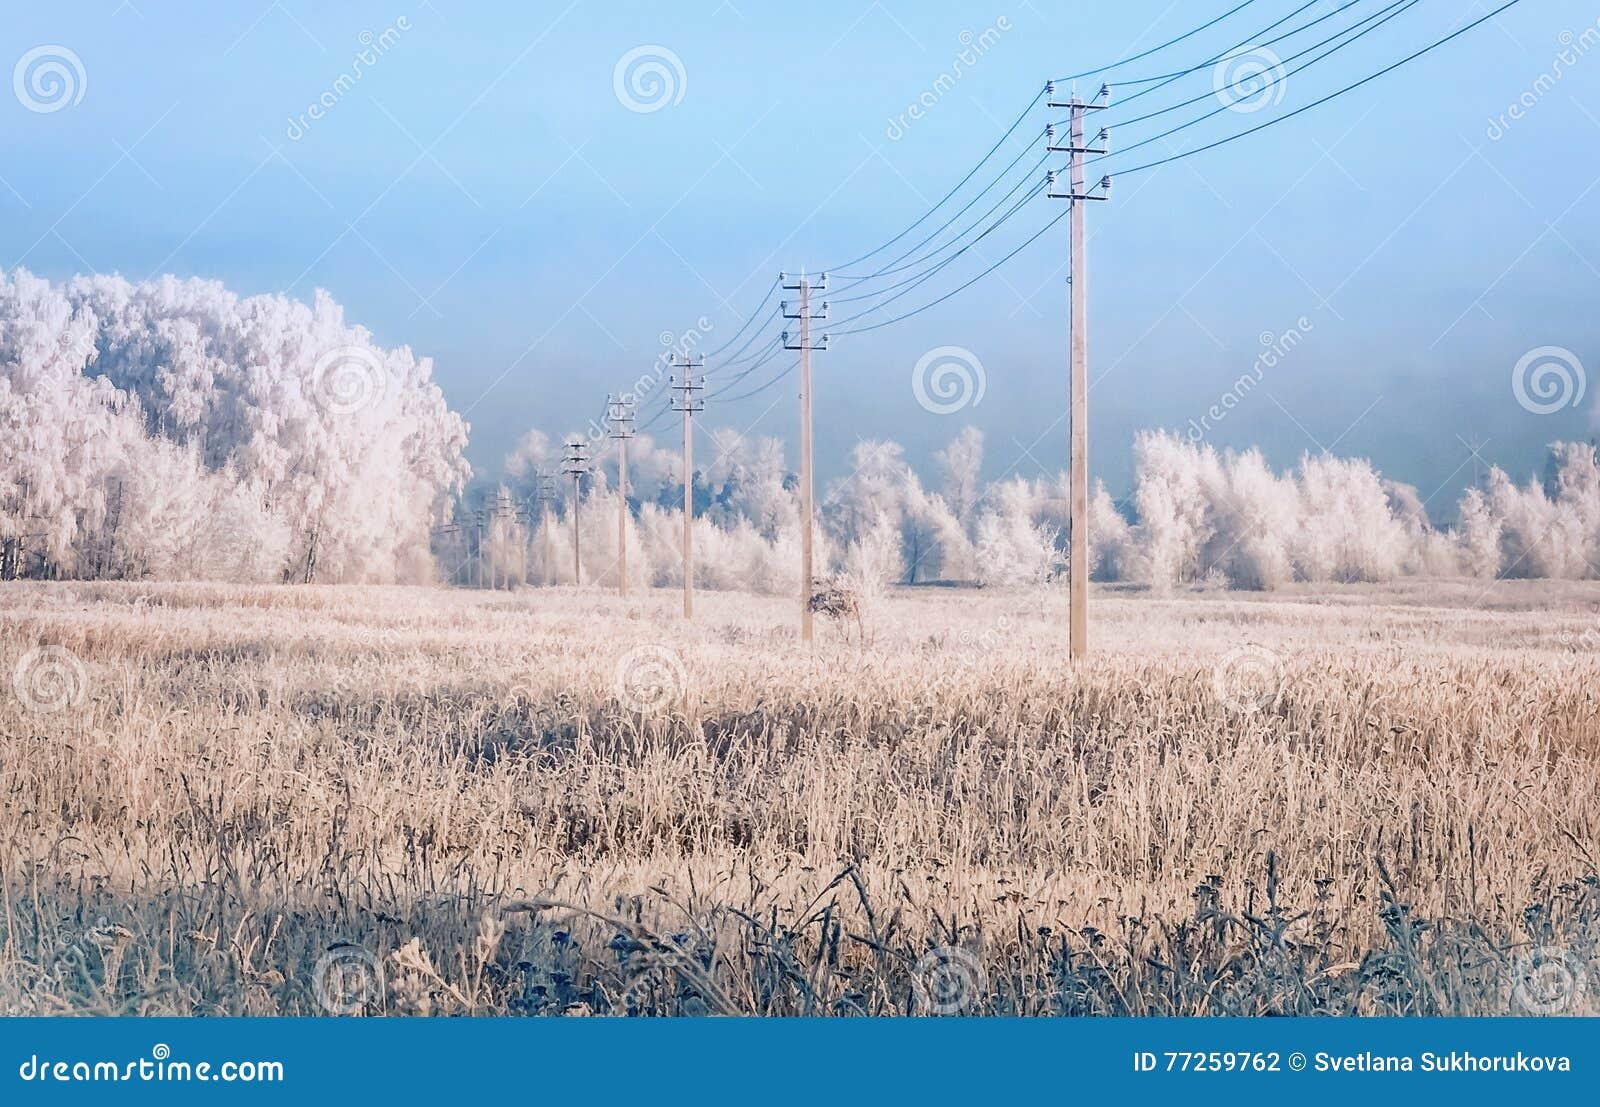 Machtslijn op het sneeuw behandelde gebied